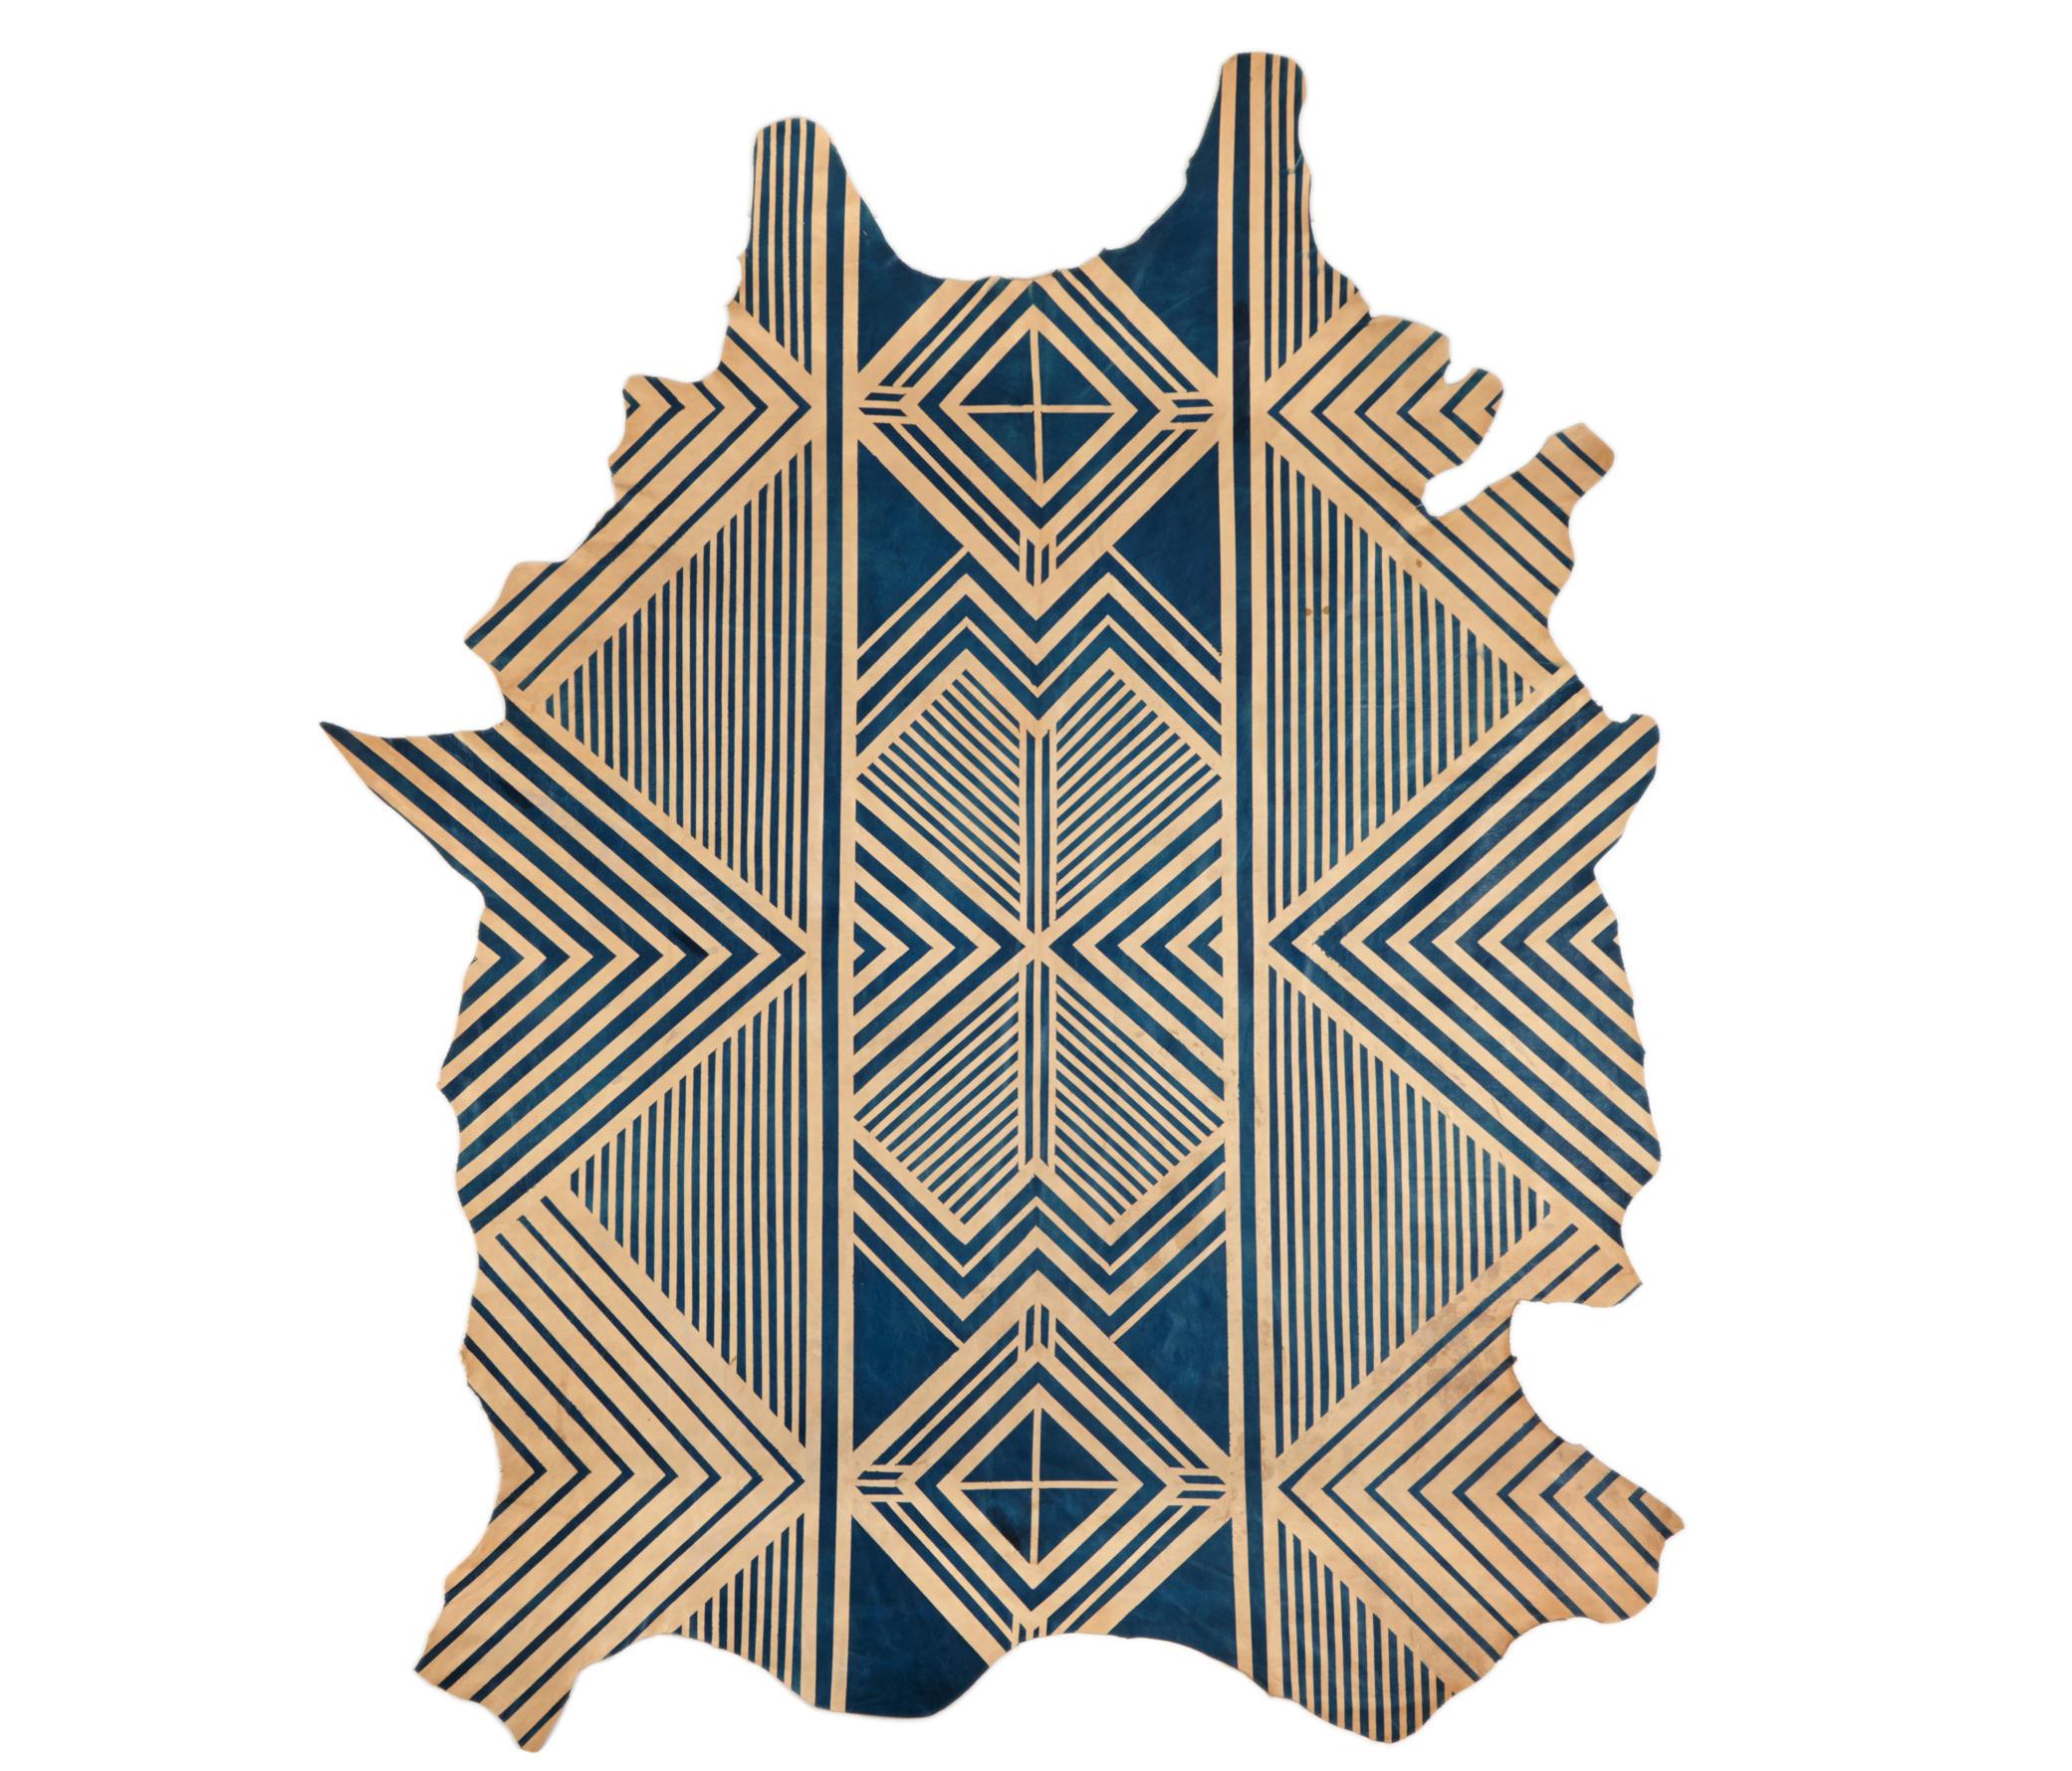 BLUE GEOMETRIC RUG - FULL HIDE - Rugs / Designer rugs from AVO ... on hide bar ideas, hide jewelry ideas, hide tv ideas,